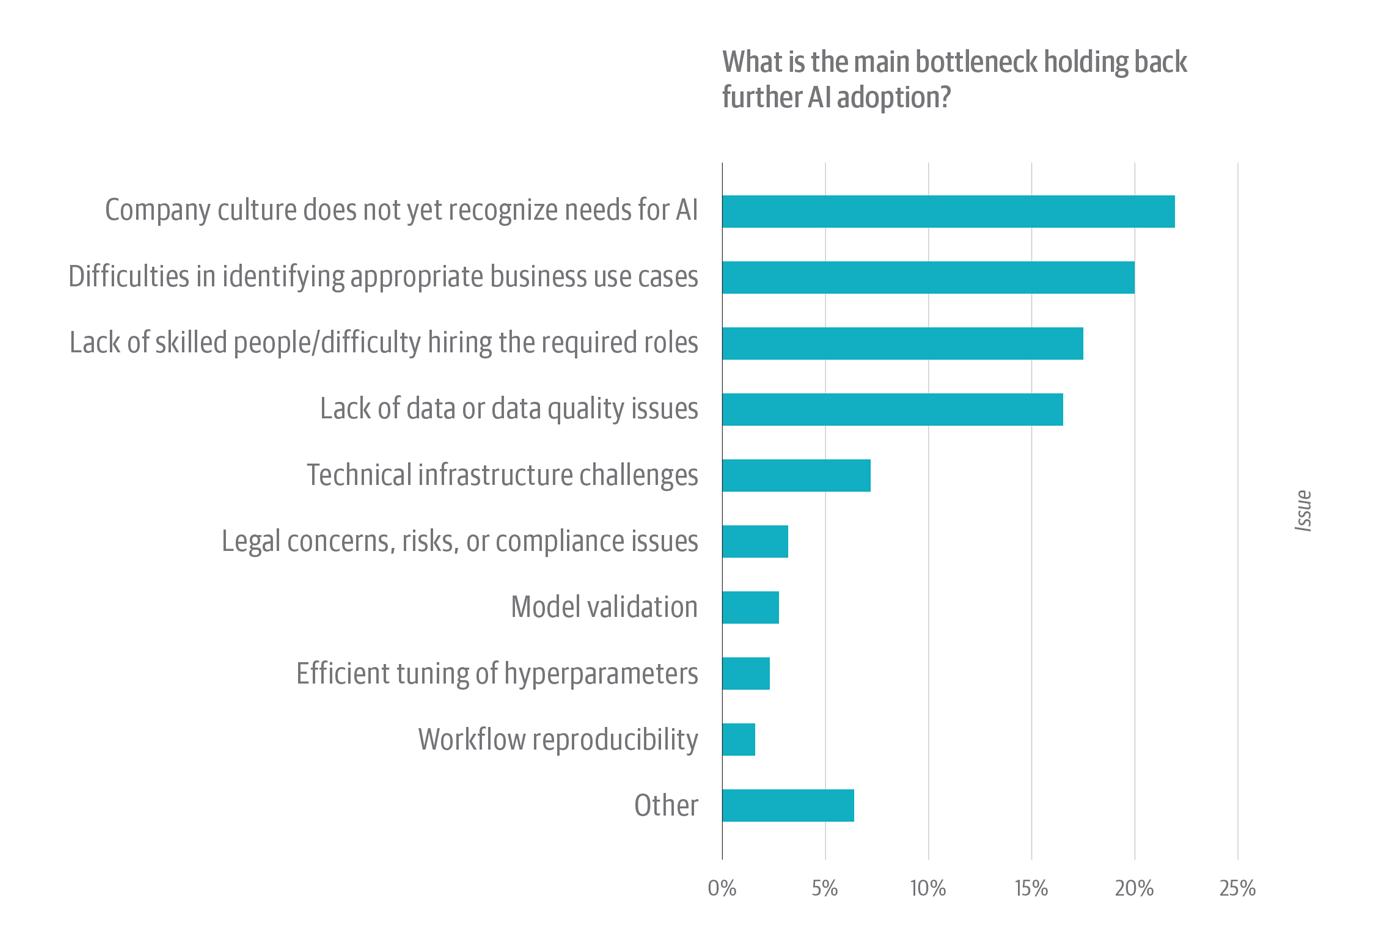 Bottlenecks to AI adoption